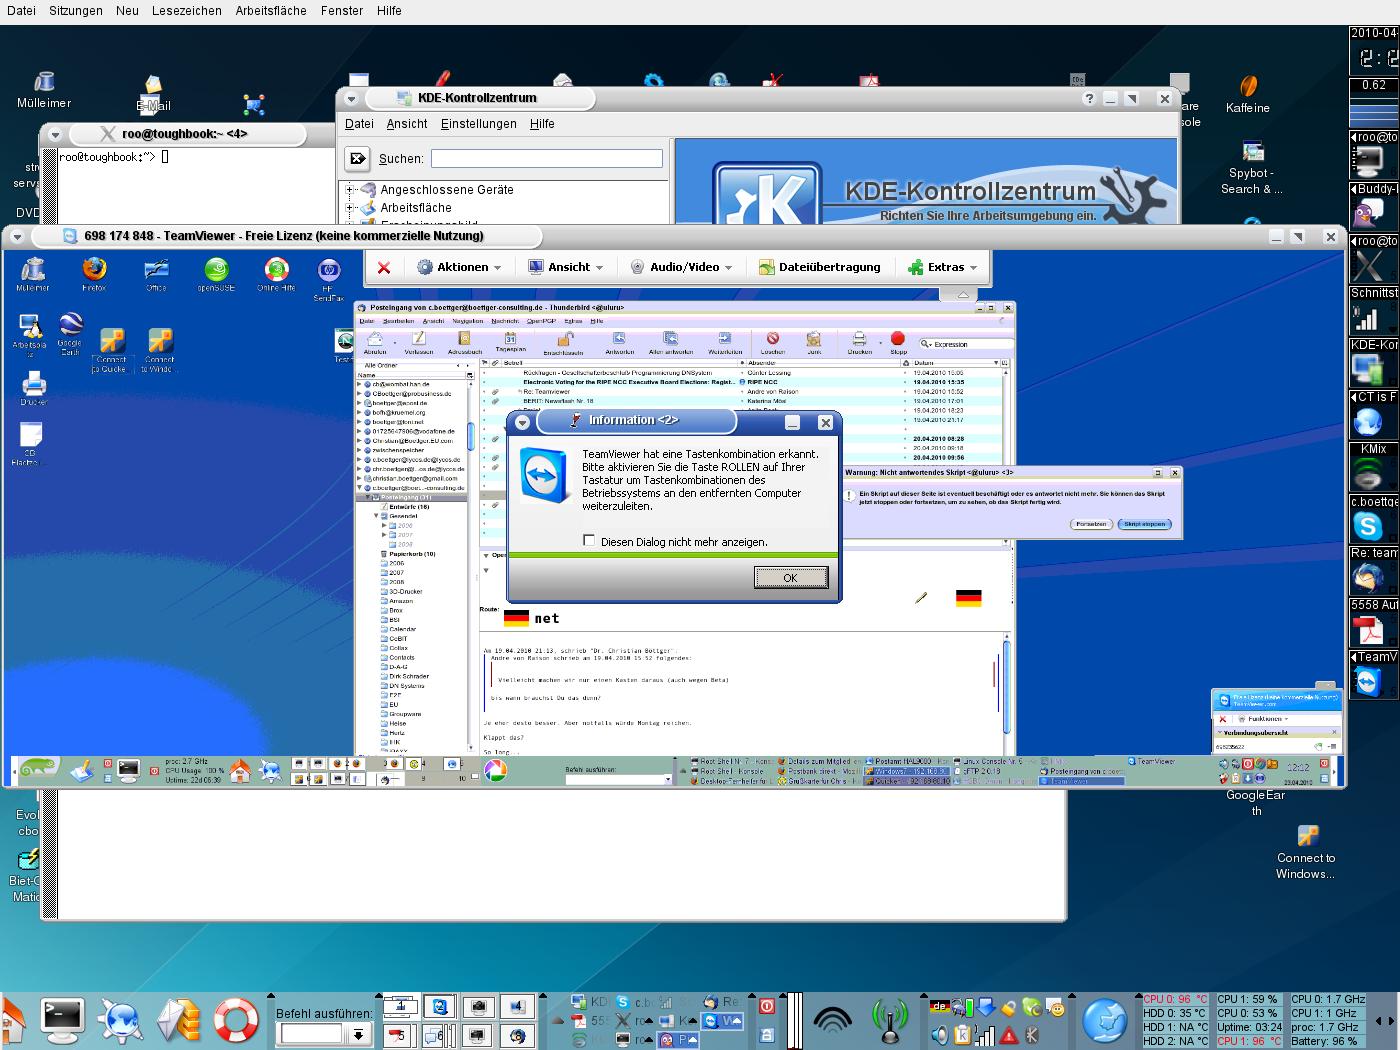 TeamViewer 11 als Beta erschienen